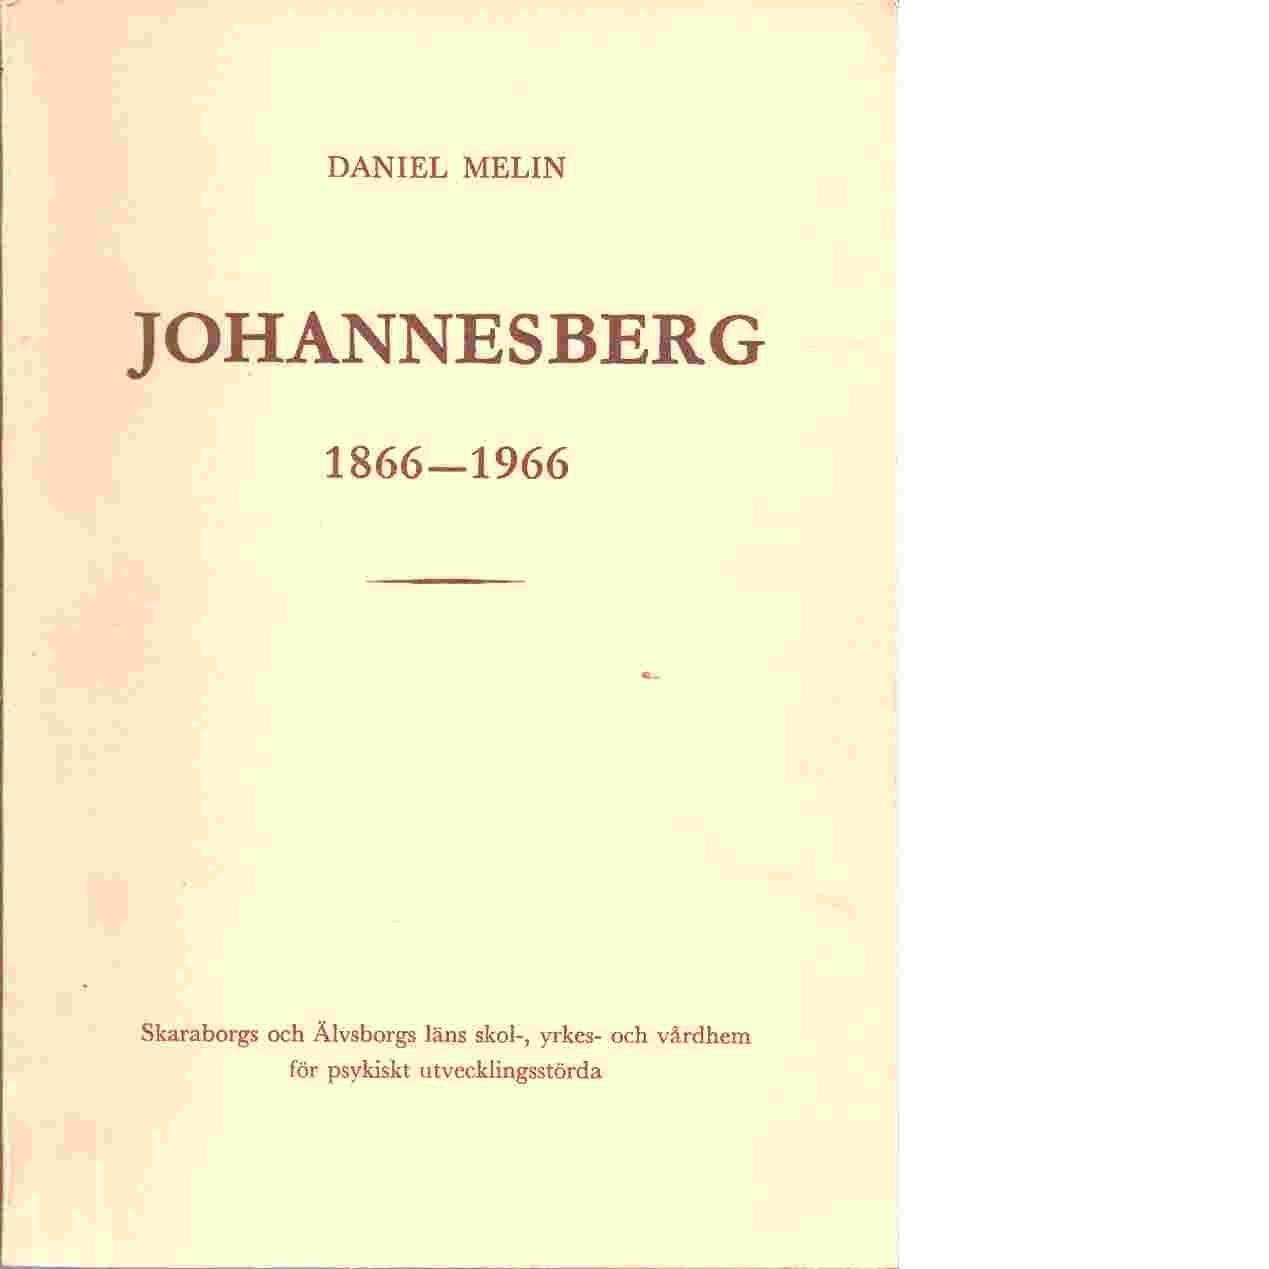 Johannesberg 1866 - 1966 - Melin, Daniel